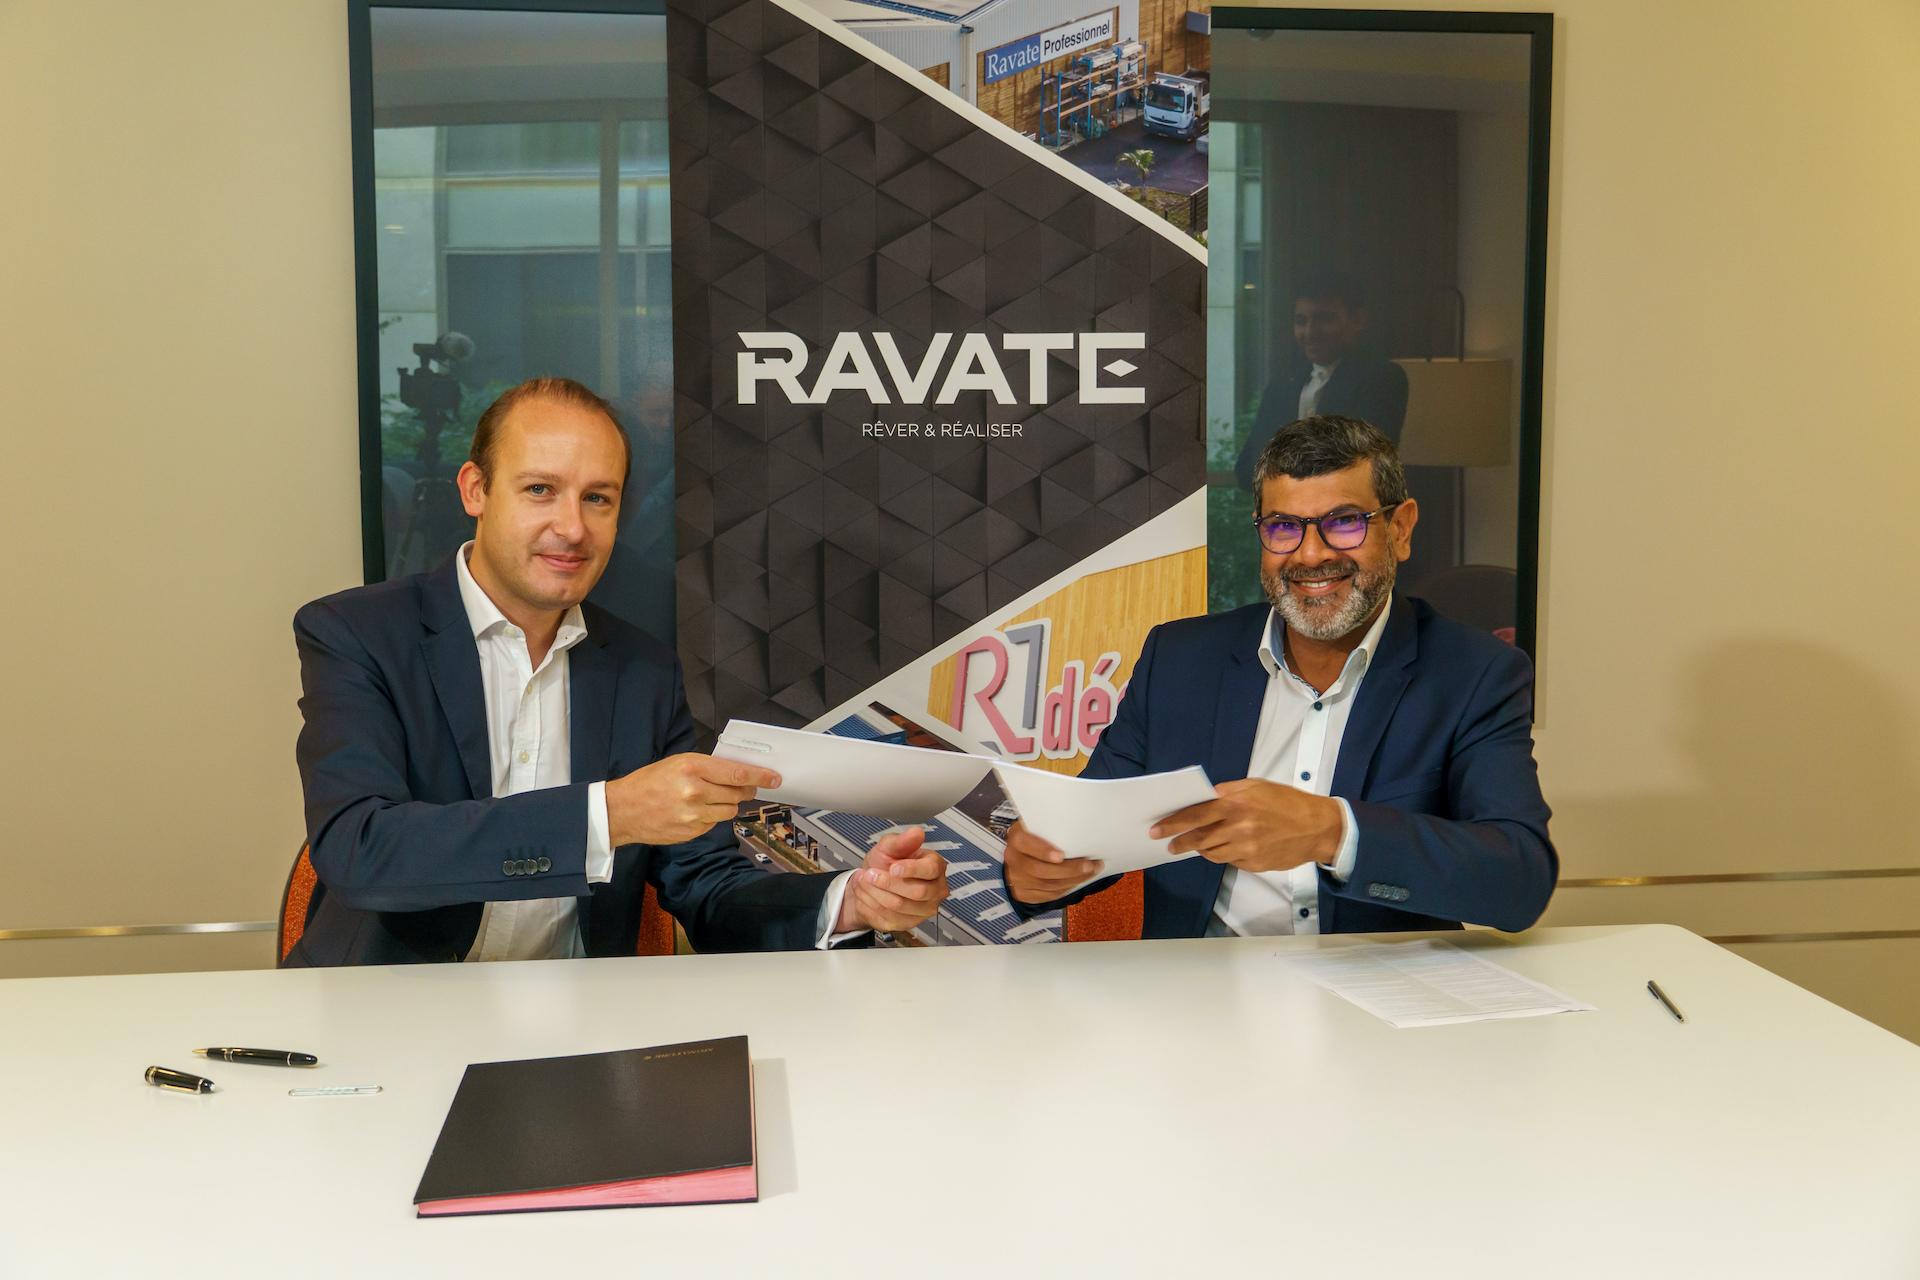 Signature entre Julien Blanchard, président du Directoire et Co-Fondateur Hoffman Green Cement Technologies et le groupe Ravate, représenté par Abdoullah Ravate, PDG de Ravate Professionnel